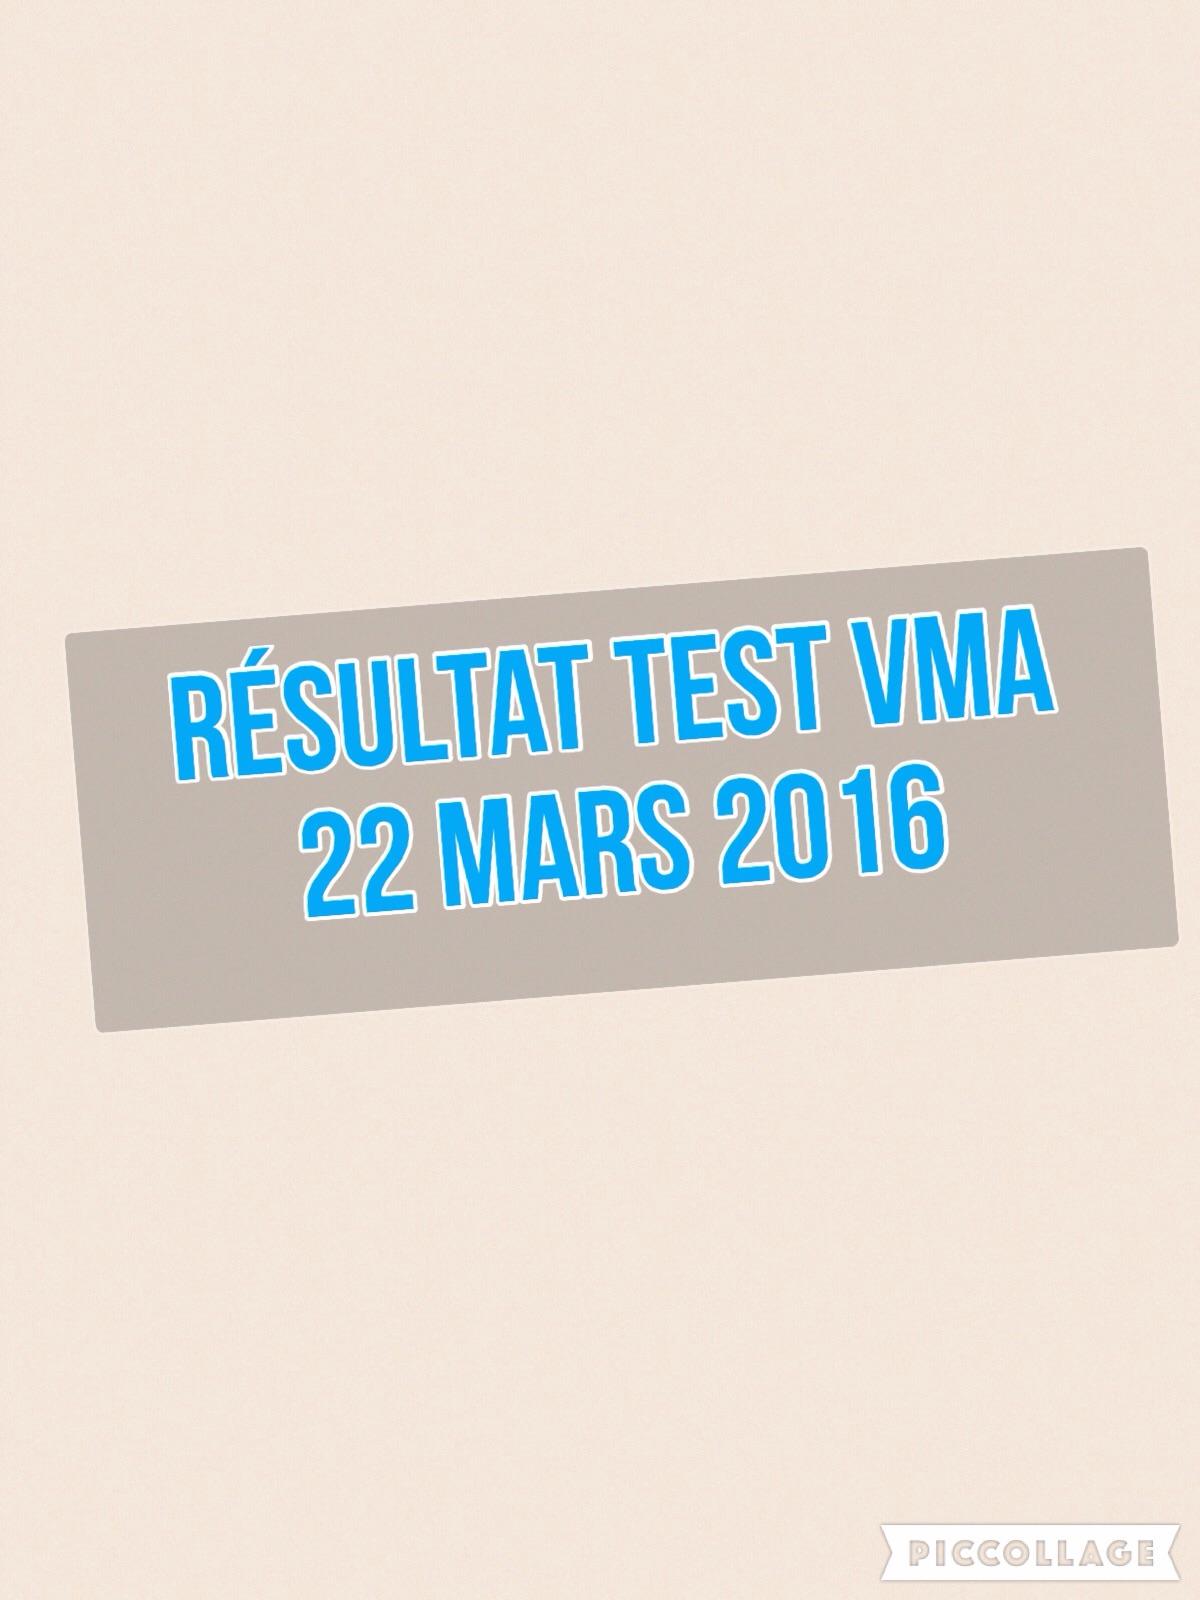 Protégé: Résultat Test VMA du 22 mars 2016